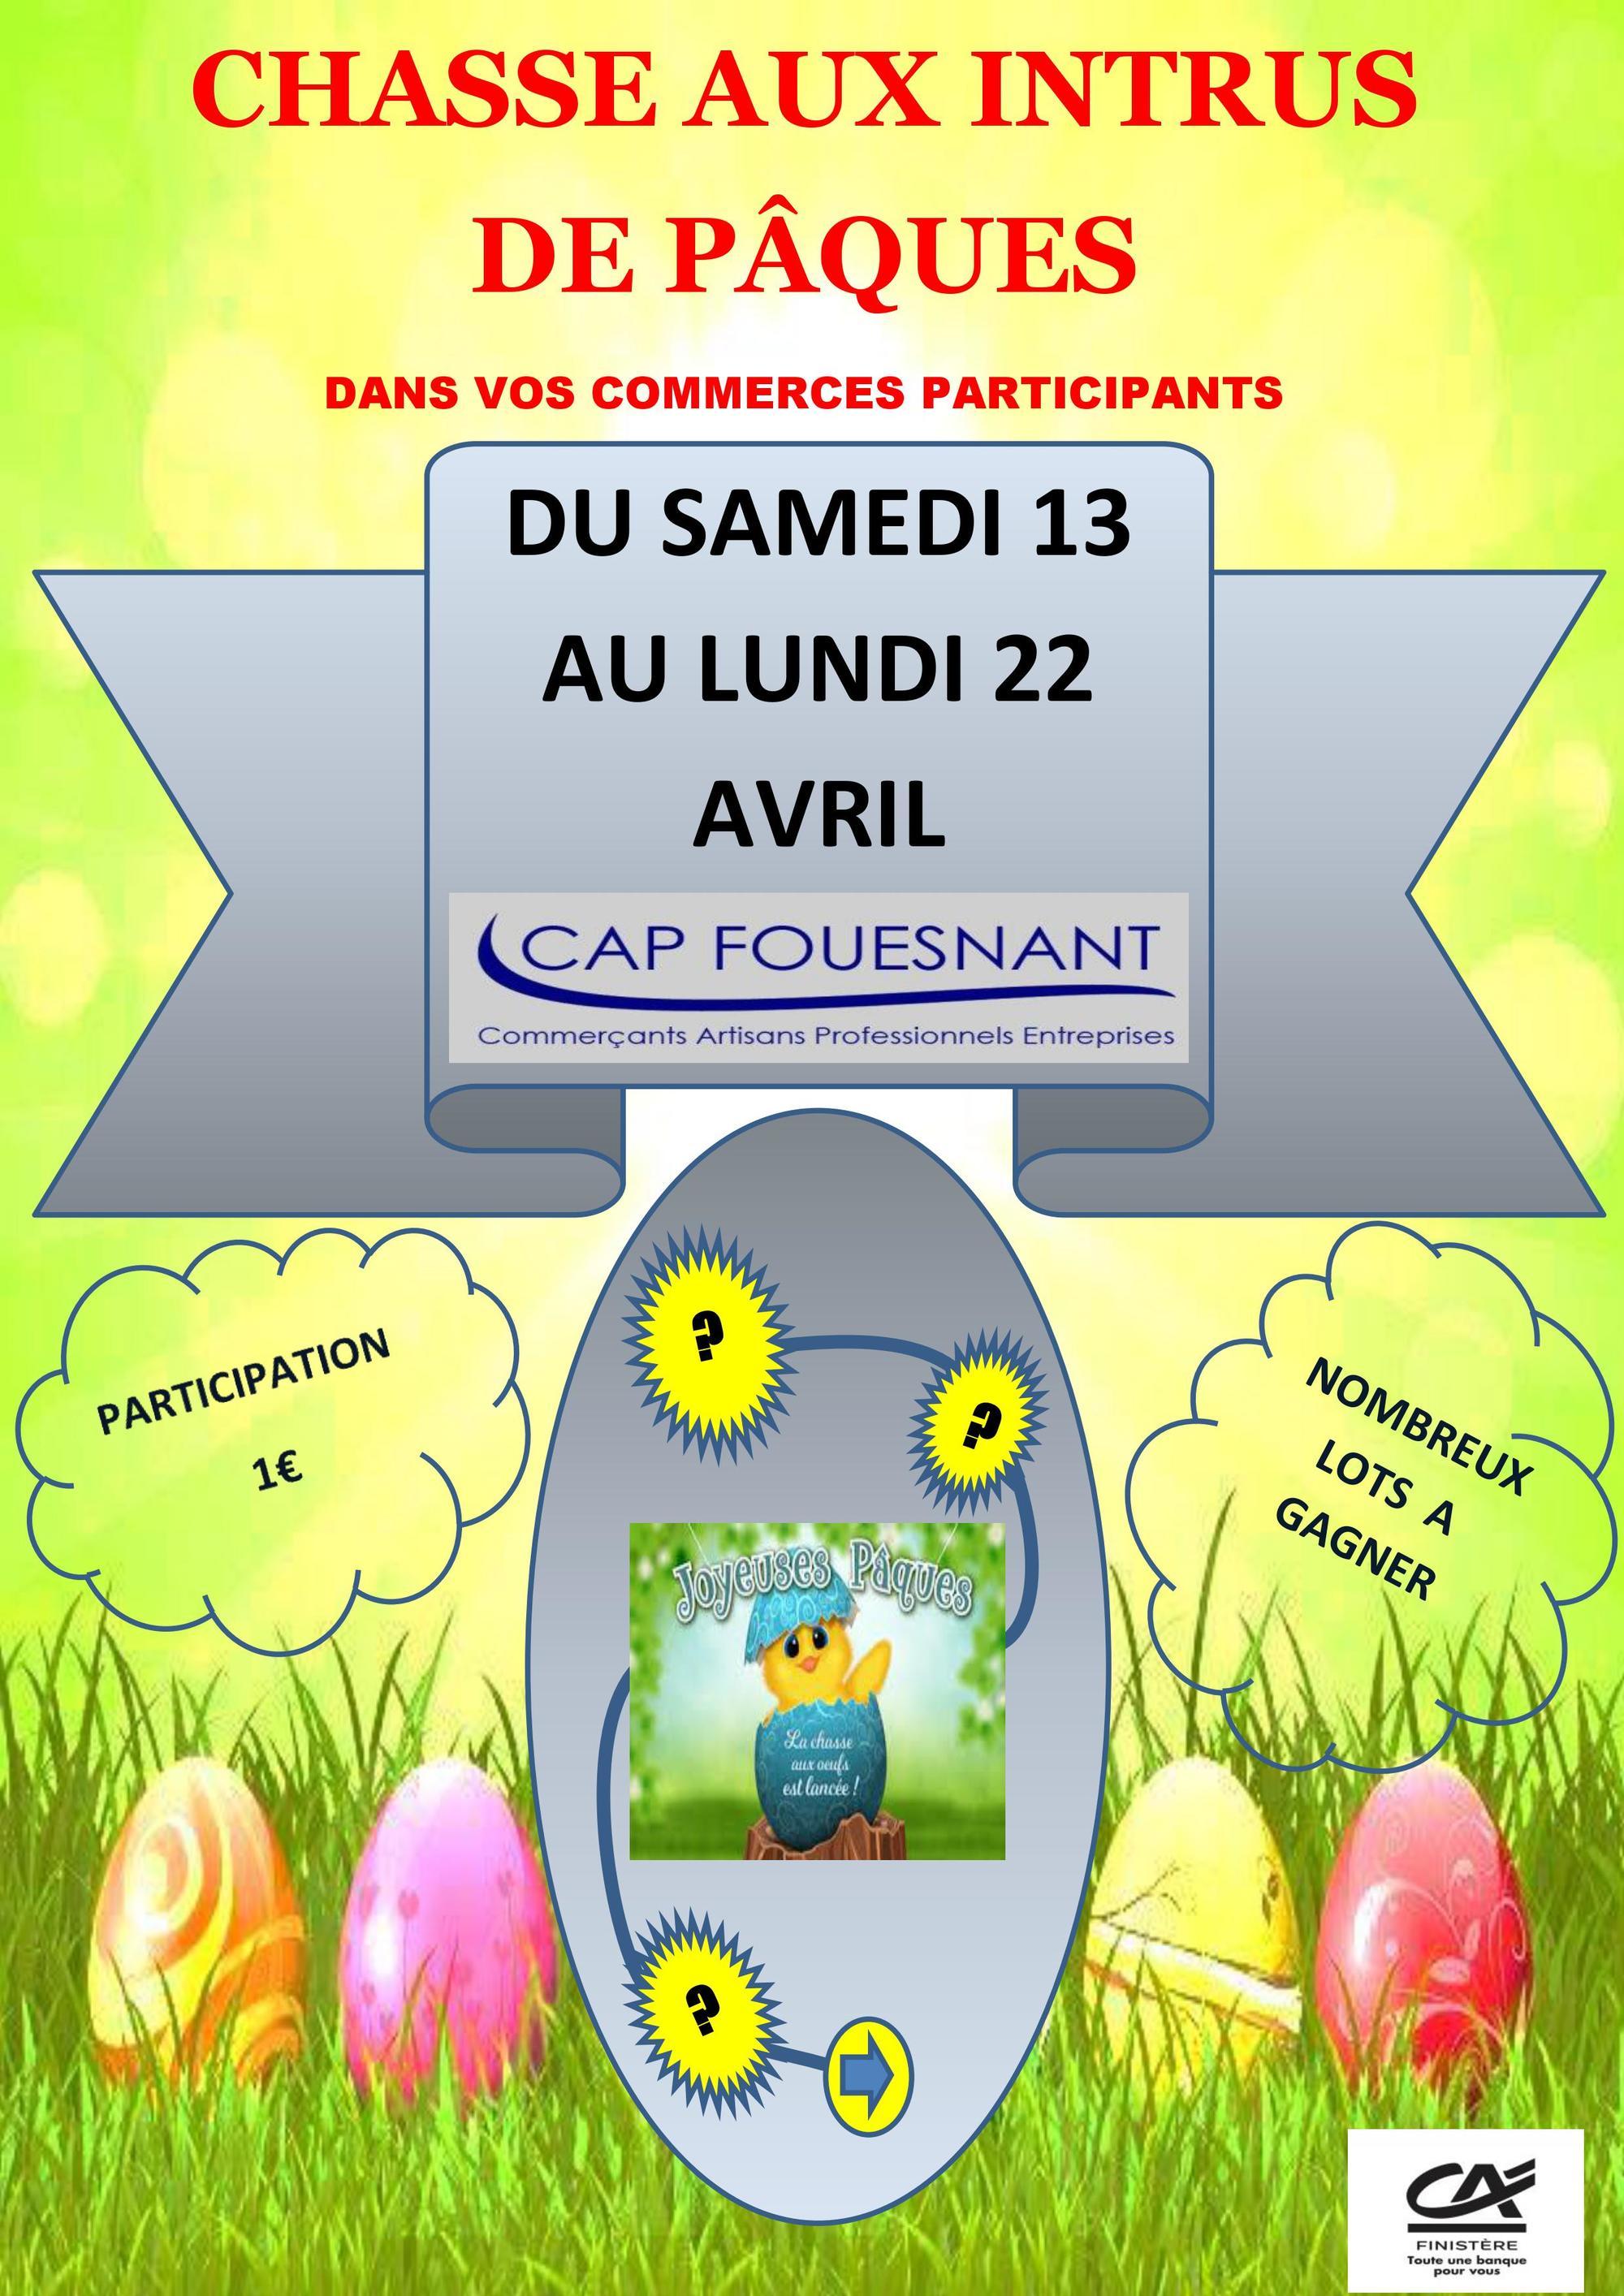 chasse-aux-intrus-de-paques-2019